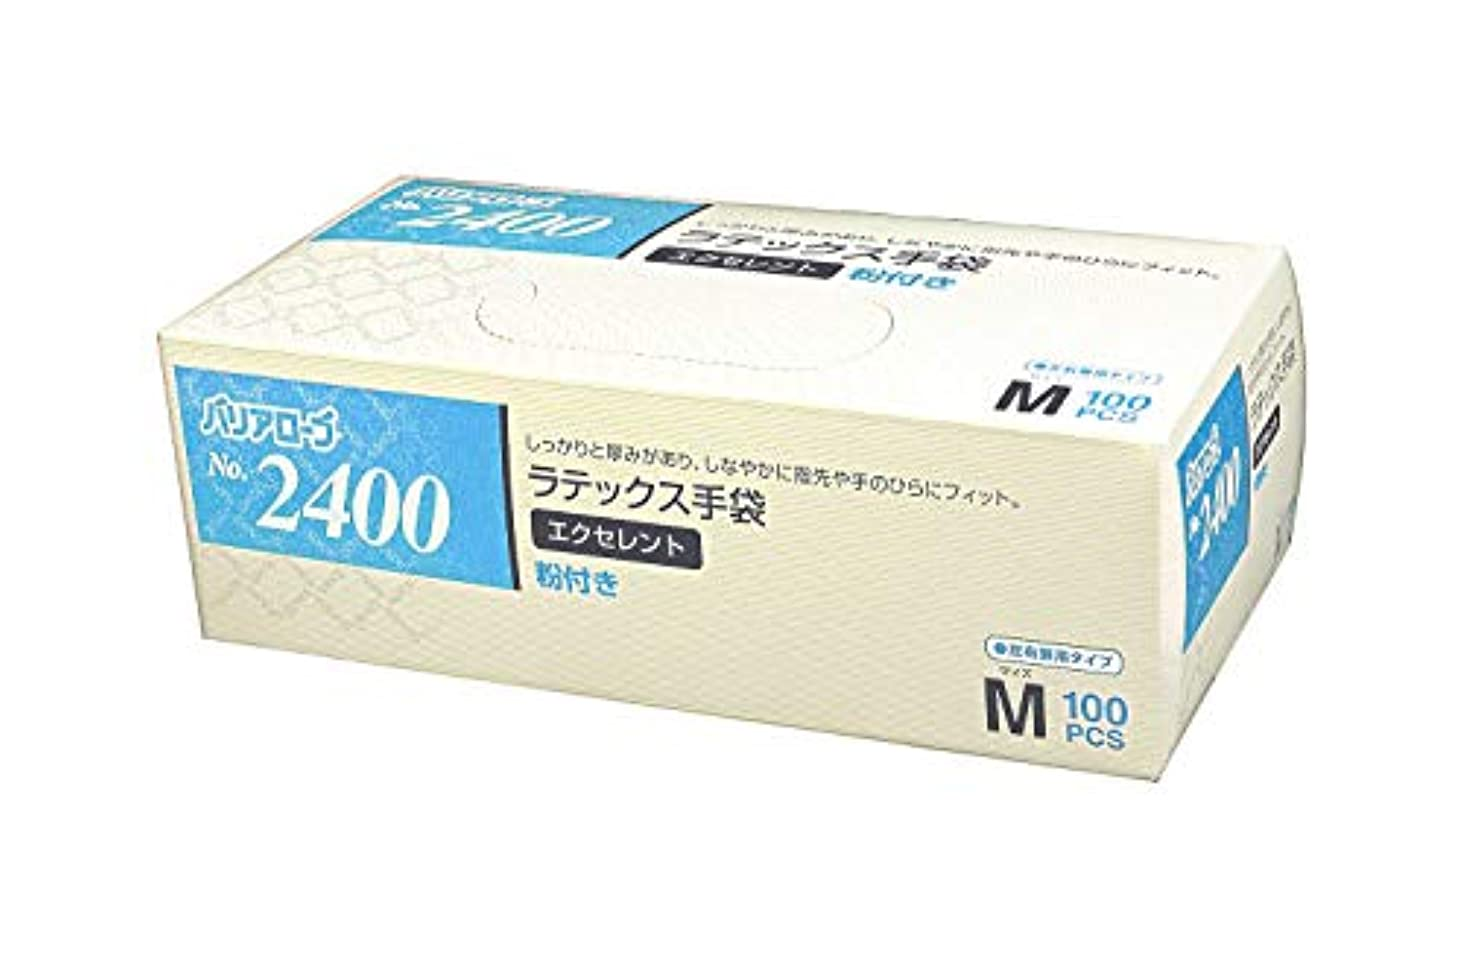 発行する言語目立つ【ケース販売】 バリアローブ №2400 ラテックス手袋 エクセレント (粉付き) M 2000枚(100枚×20箱)